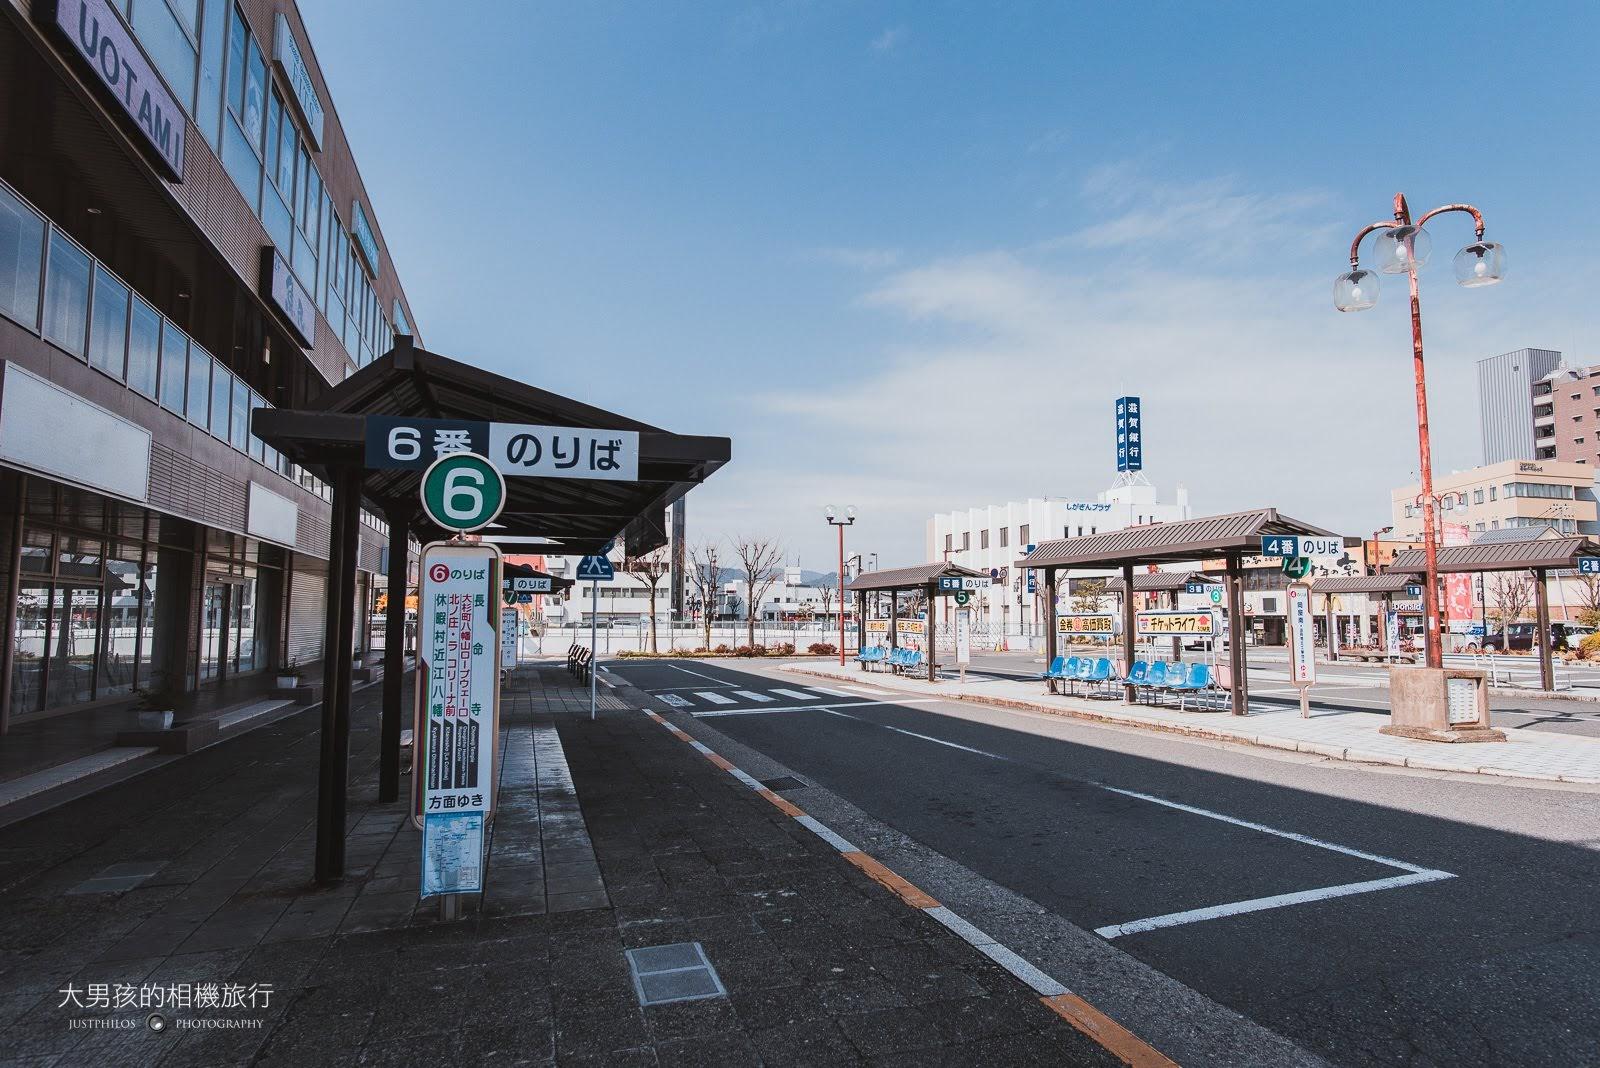 至第6月台搭乘長命寺線至「新町」站下車,即可抵達八幡堀。